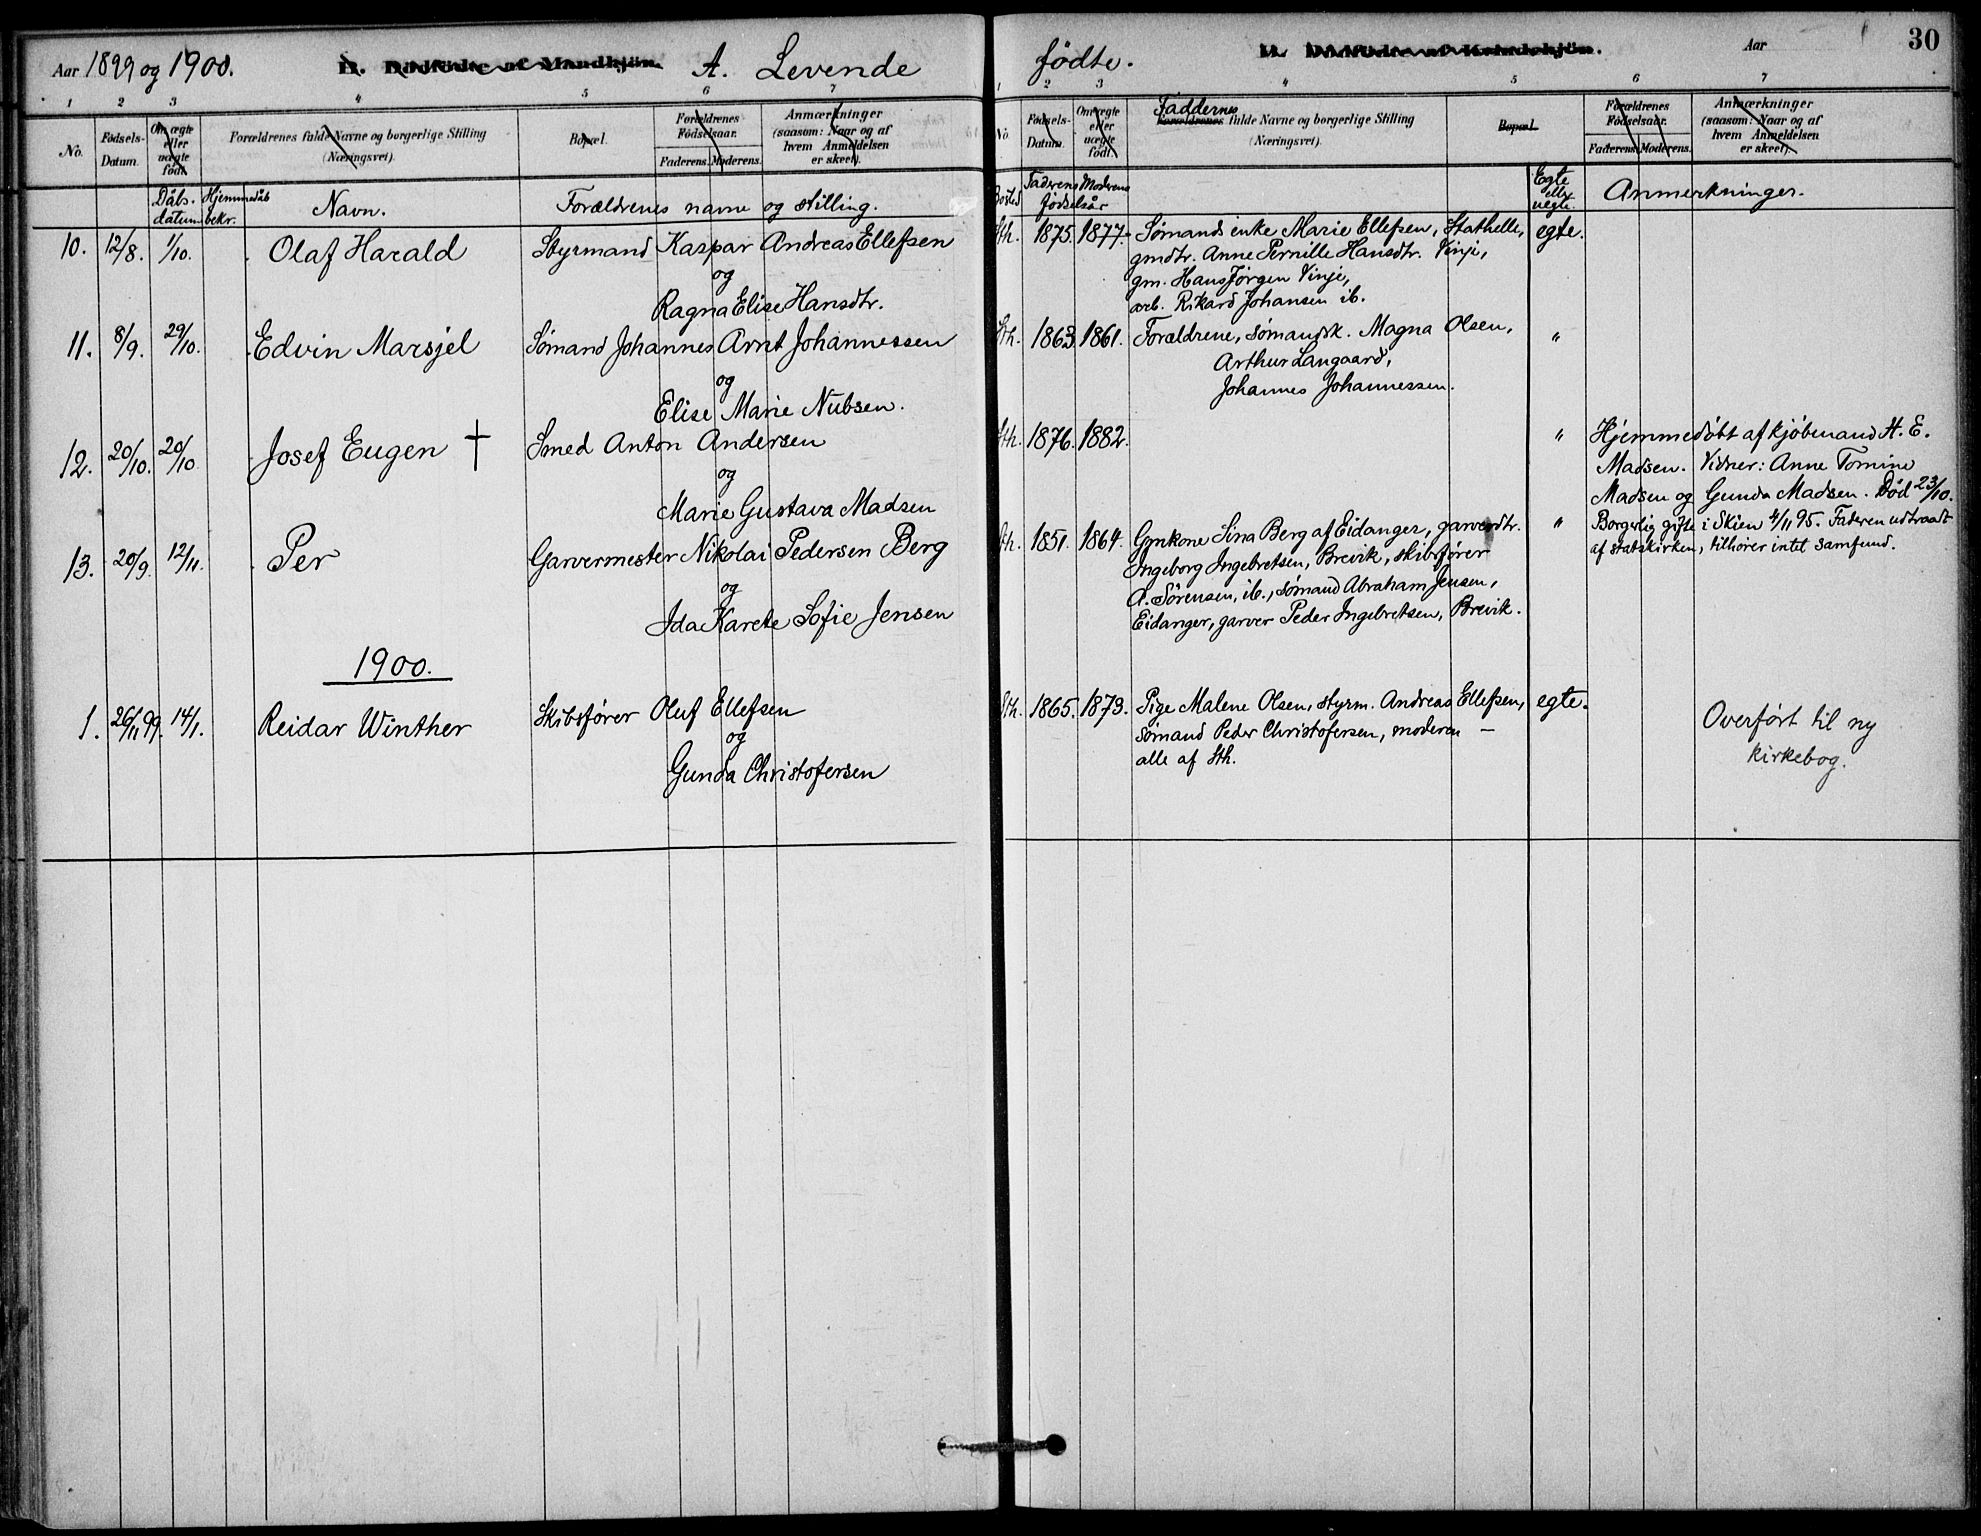 SAKO, Bamble kirkebøker, G/Gb/L0001: Klokkerbok nr. II 1, 1878-1900, s. 30